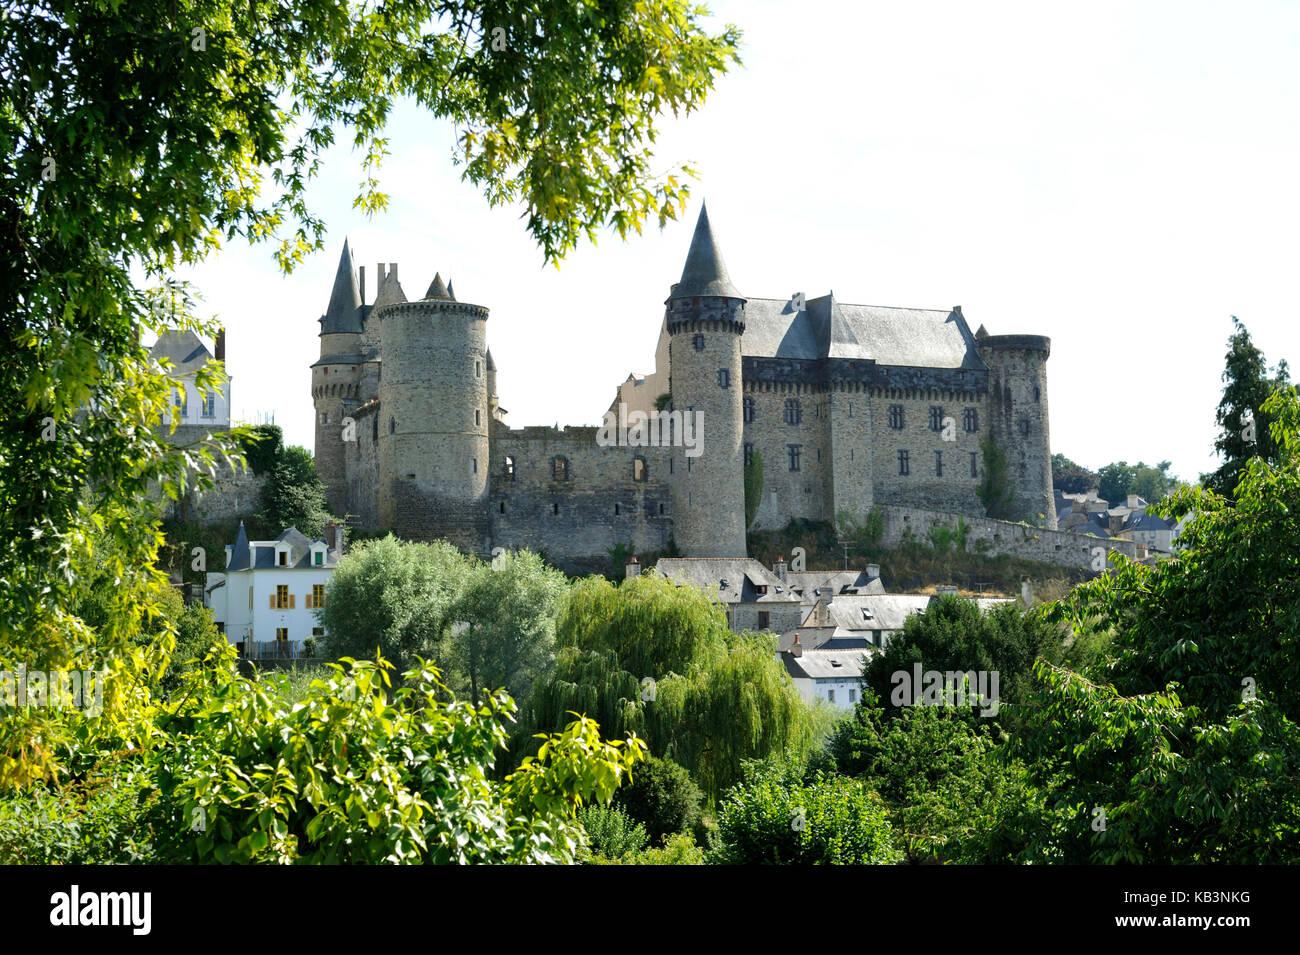 France, Ille-et-Vilaine, Vitré, stop on the Way of St James, the castle - Stock Image